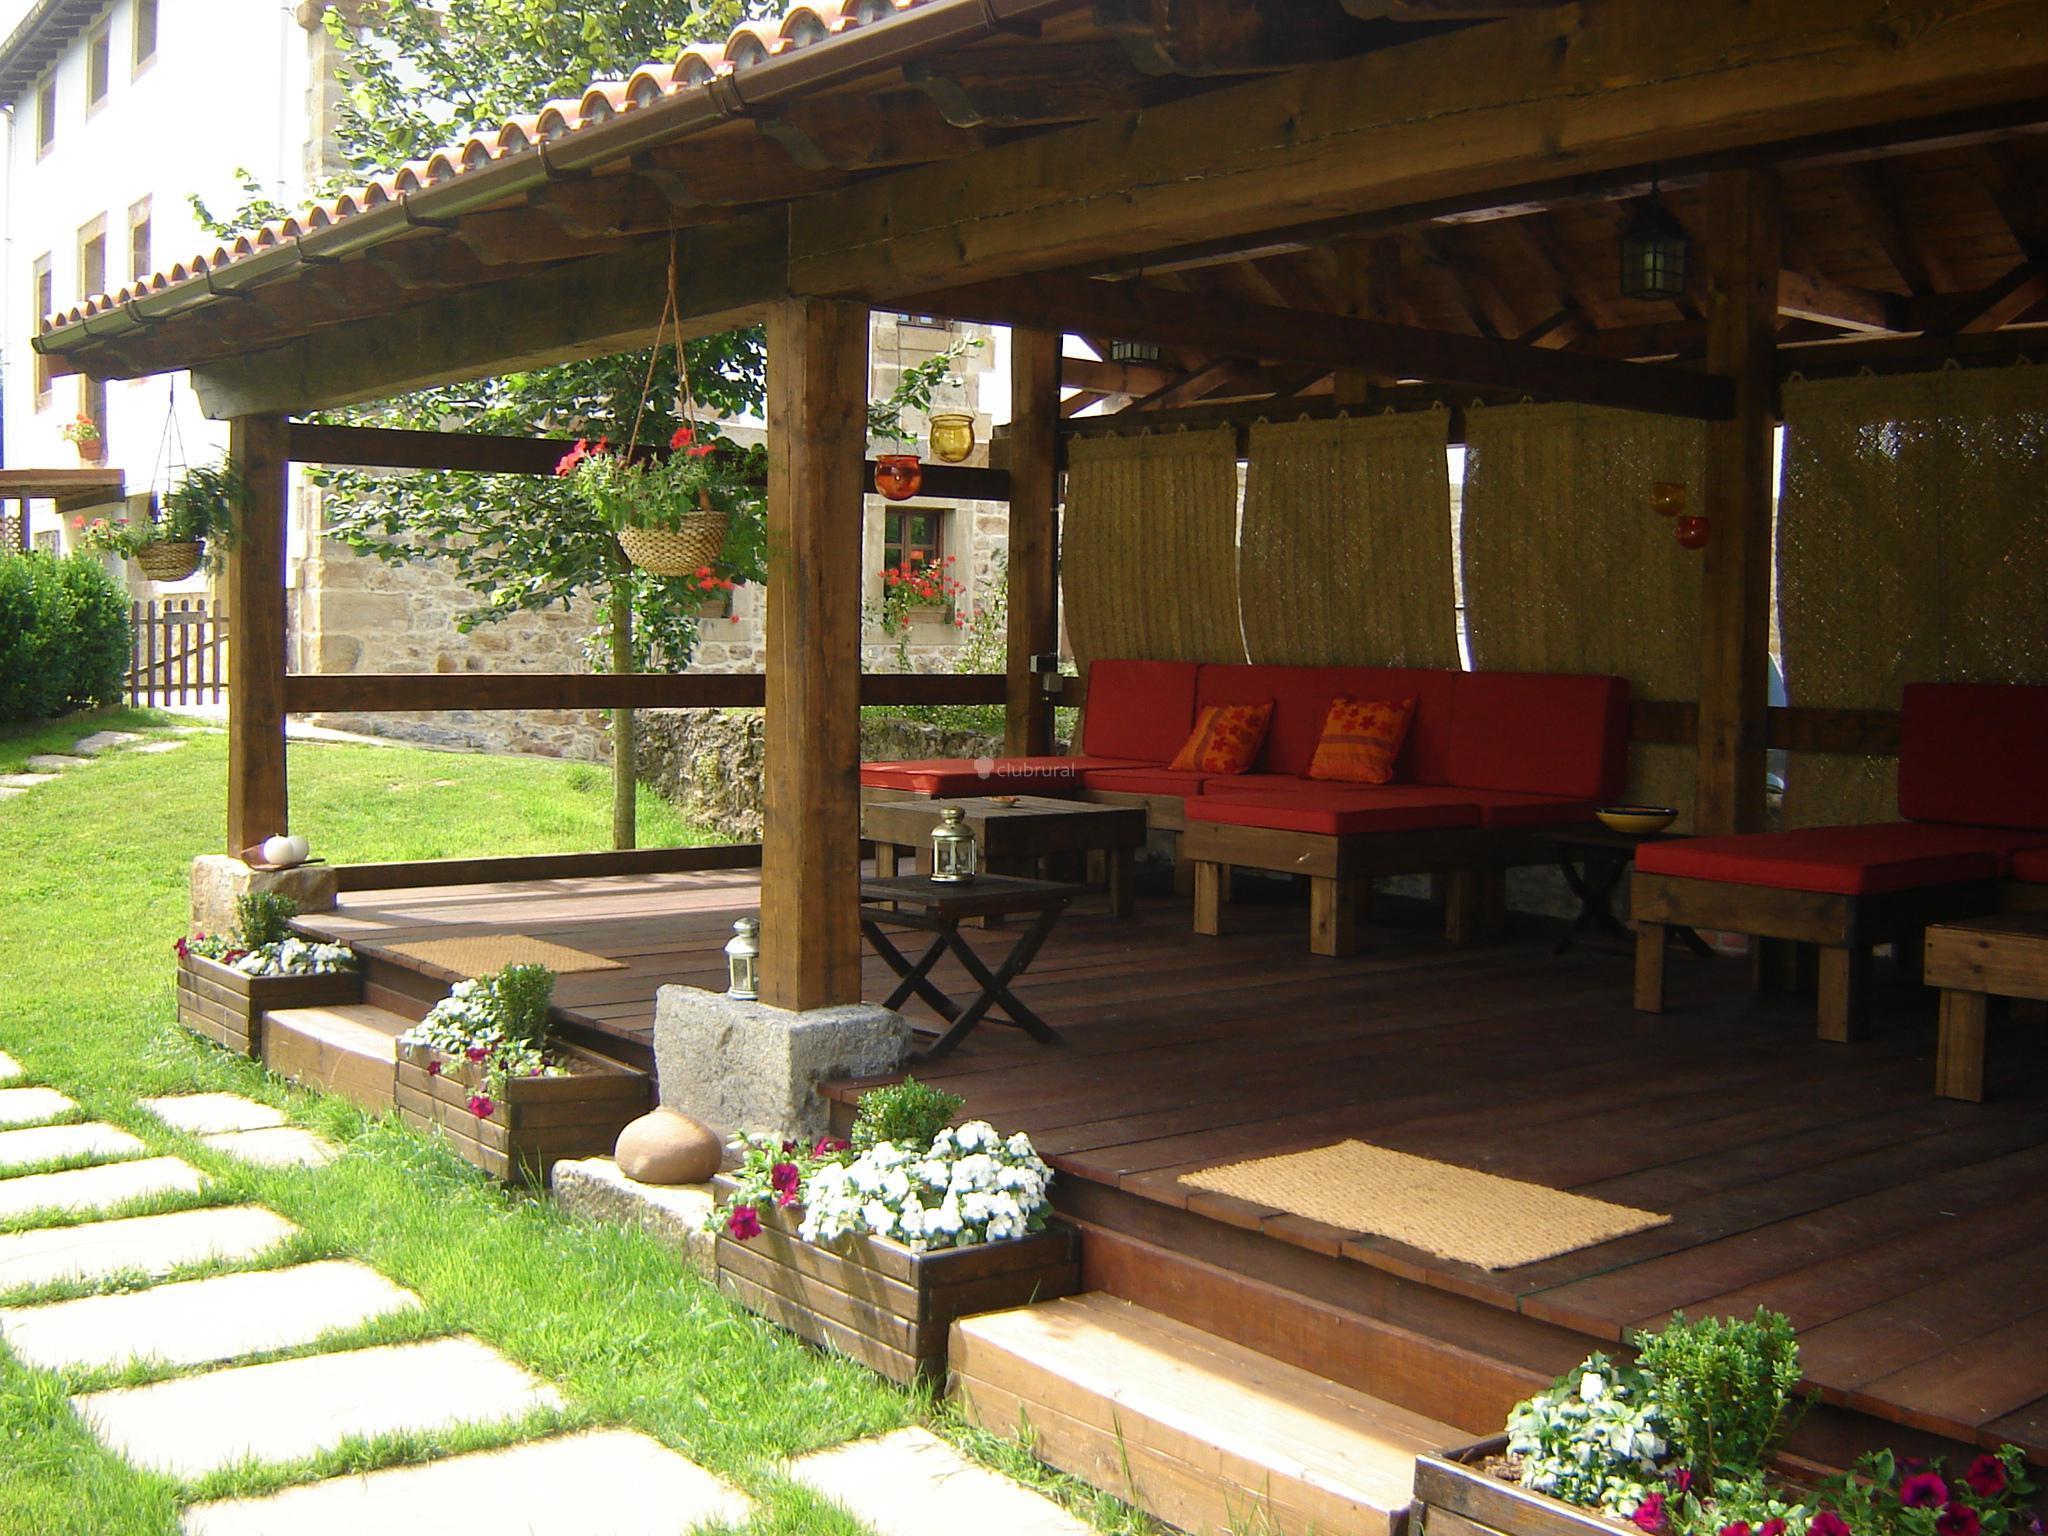 Fotos de la casona de san pantaleon de aras cantabria - Casas pequenas con porche y jardin ...